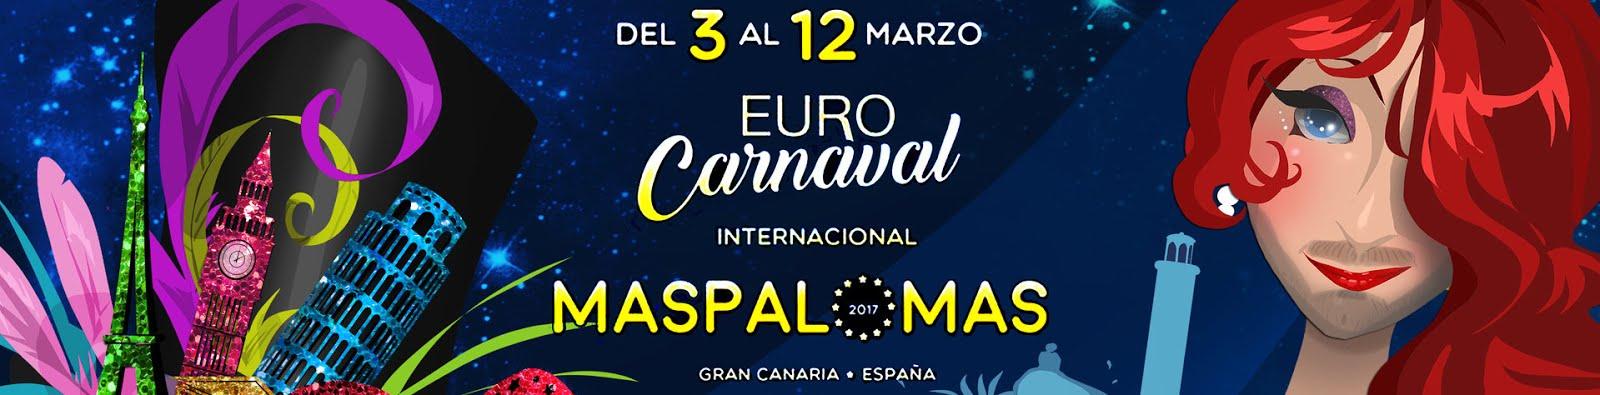 Carnaval Internacional de Maspalomas 2017